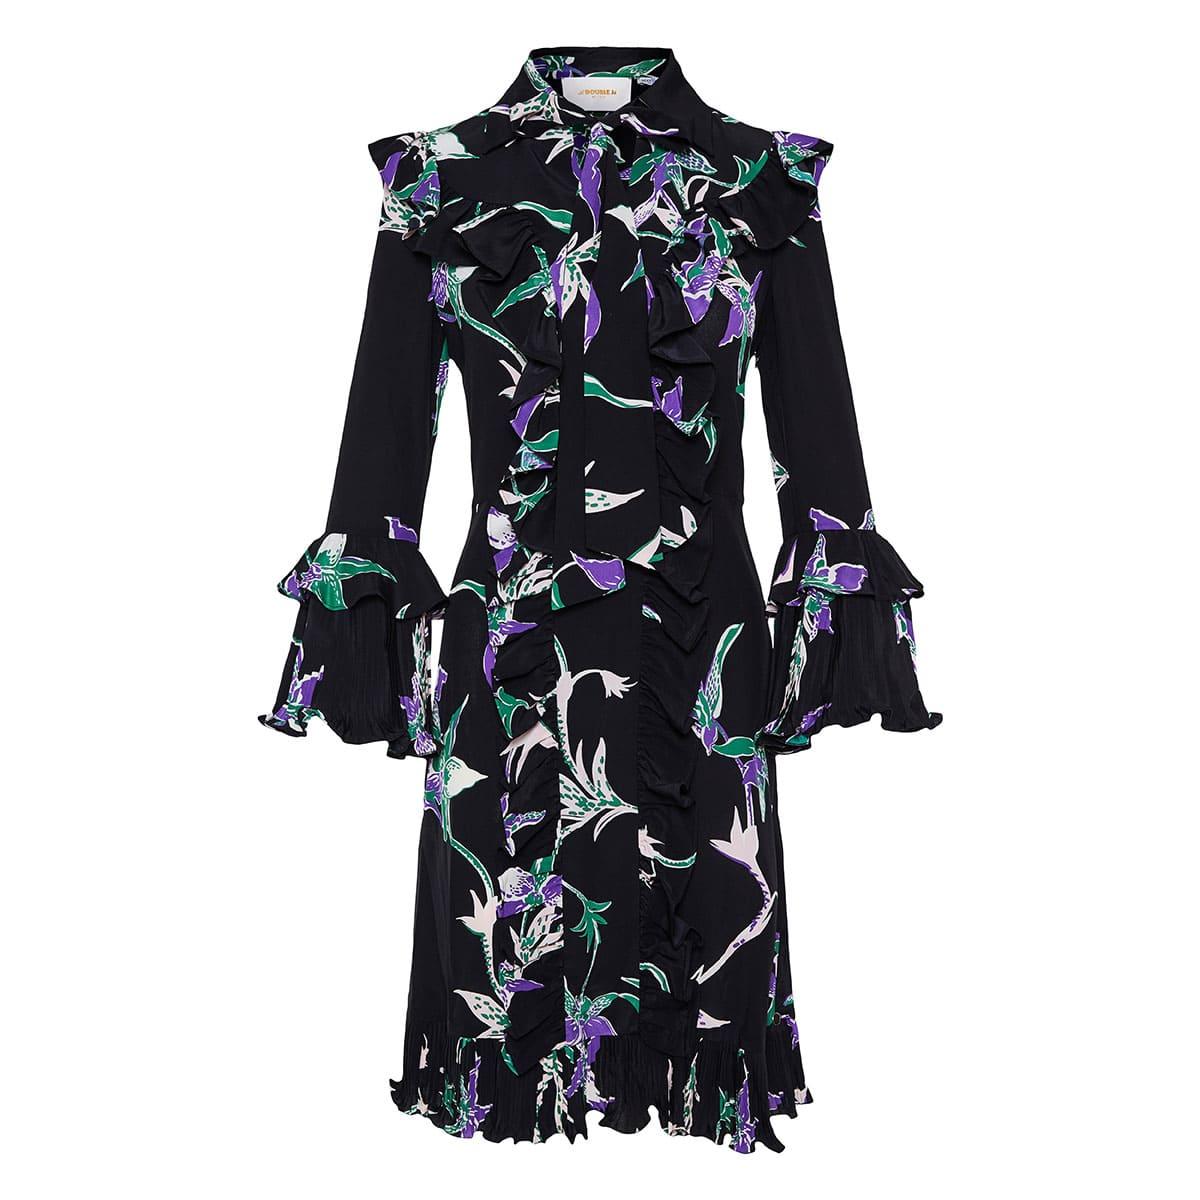 Fancy ruffle-trimmed floral dress